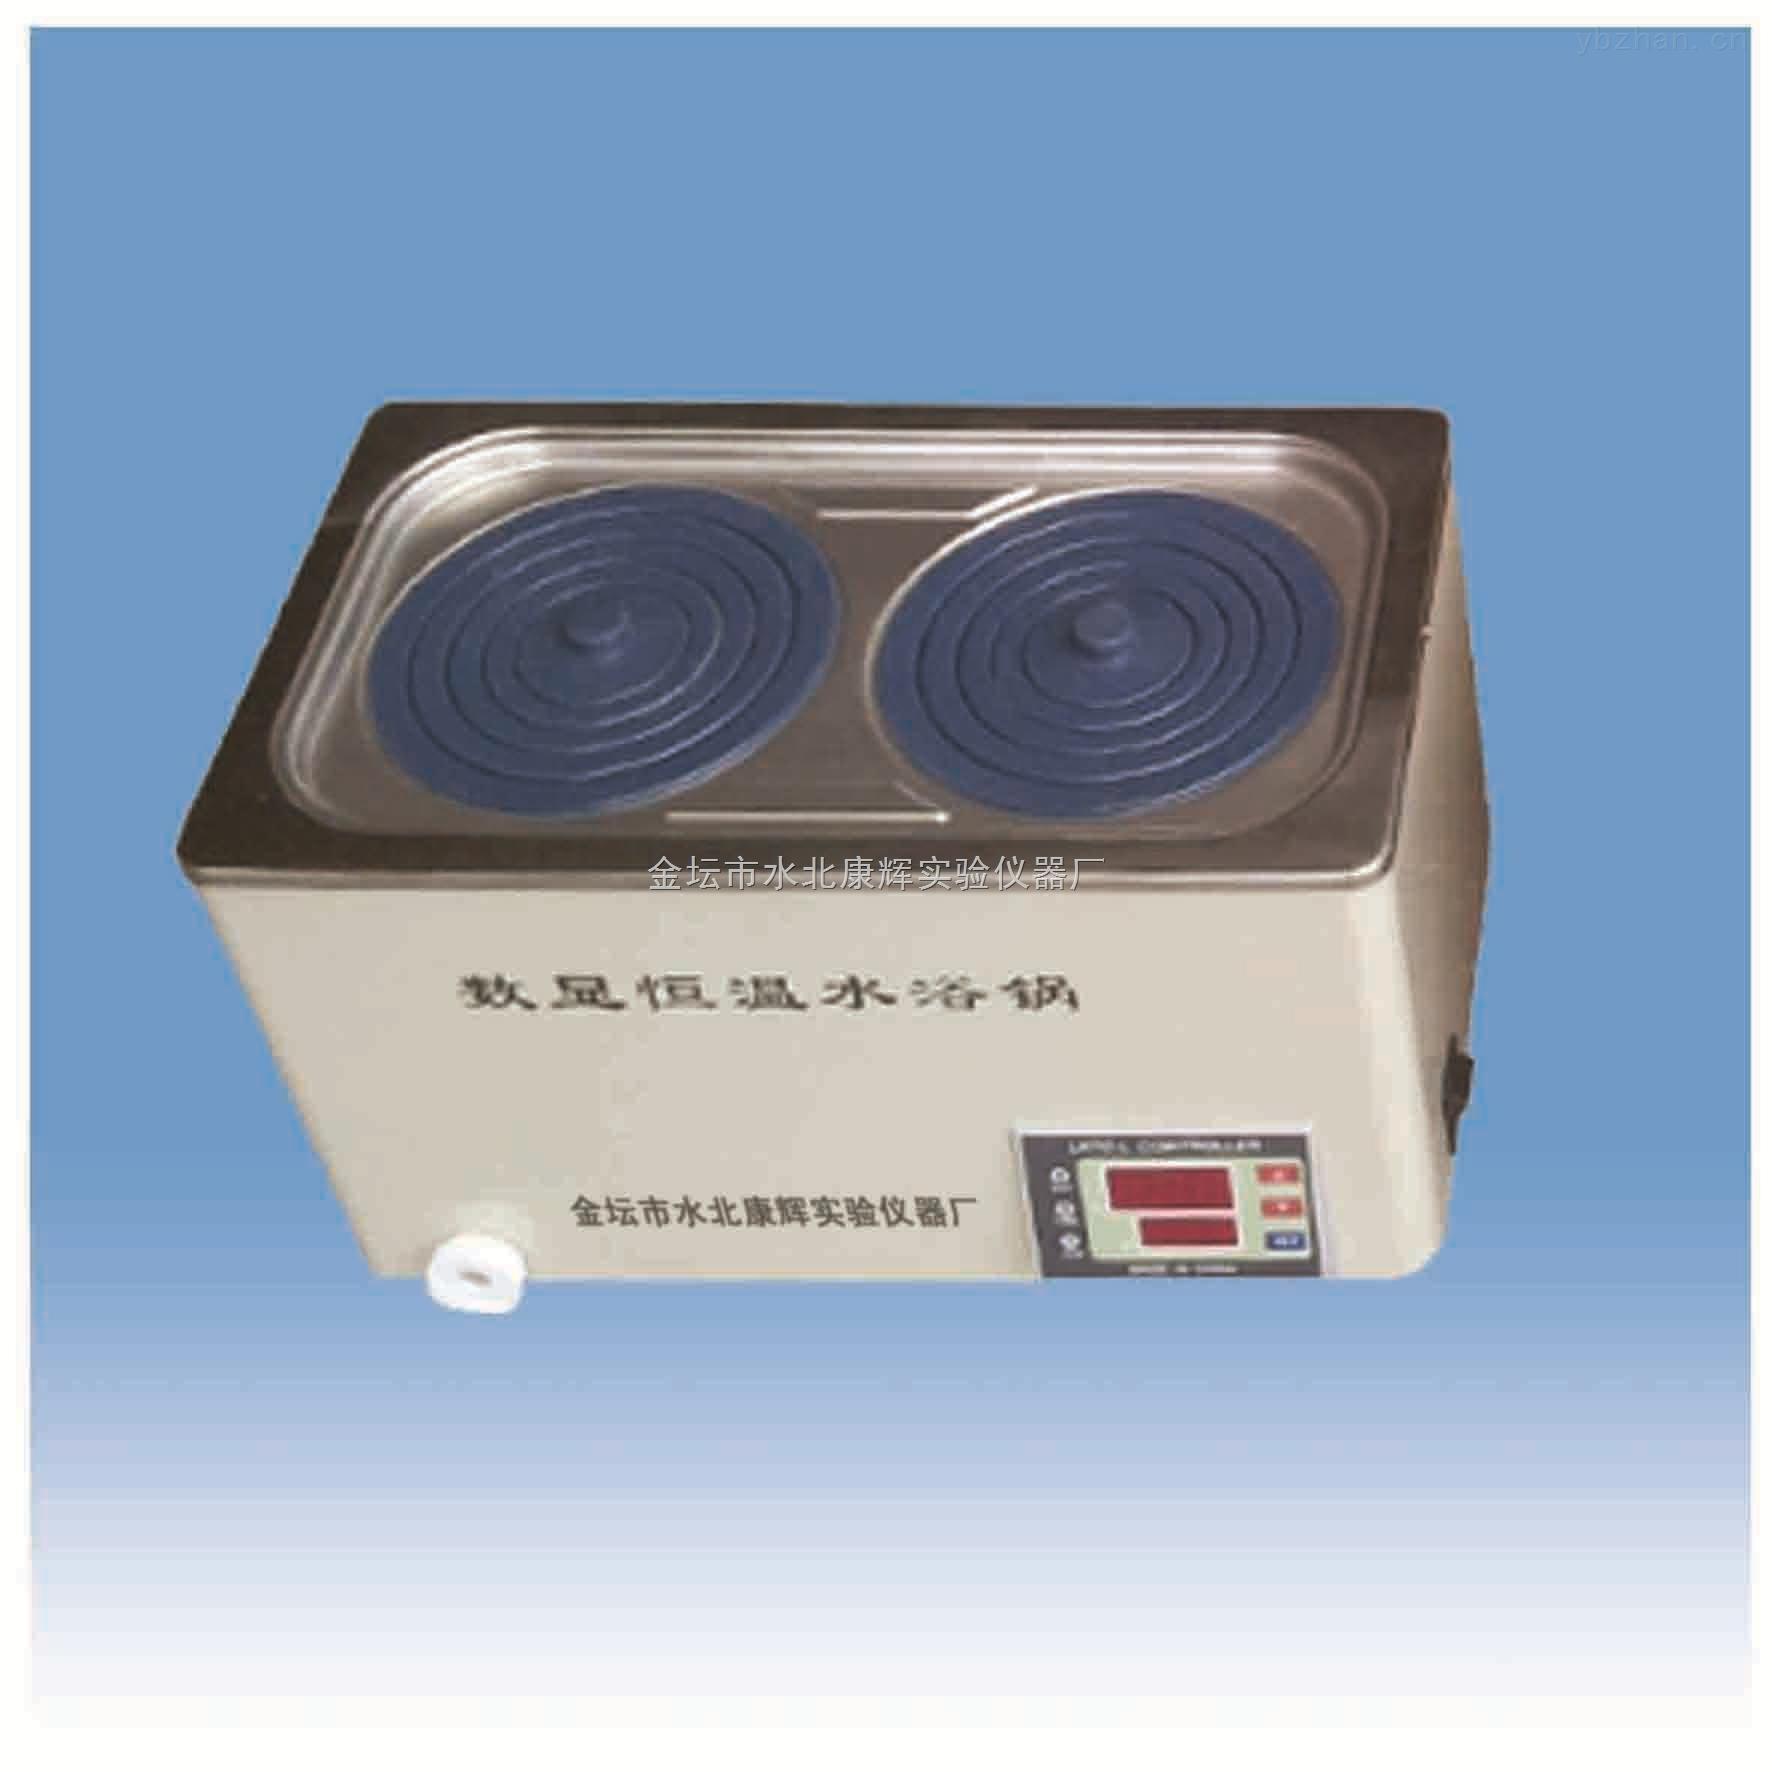 供应HH-S2数显恒温水浴锅一次成型锅体,恒温水浴锅厂家直销